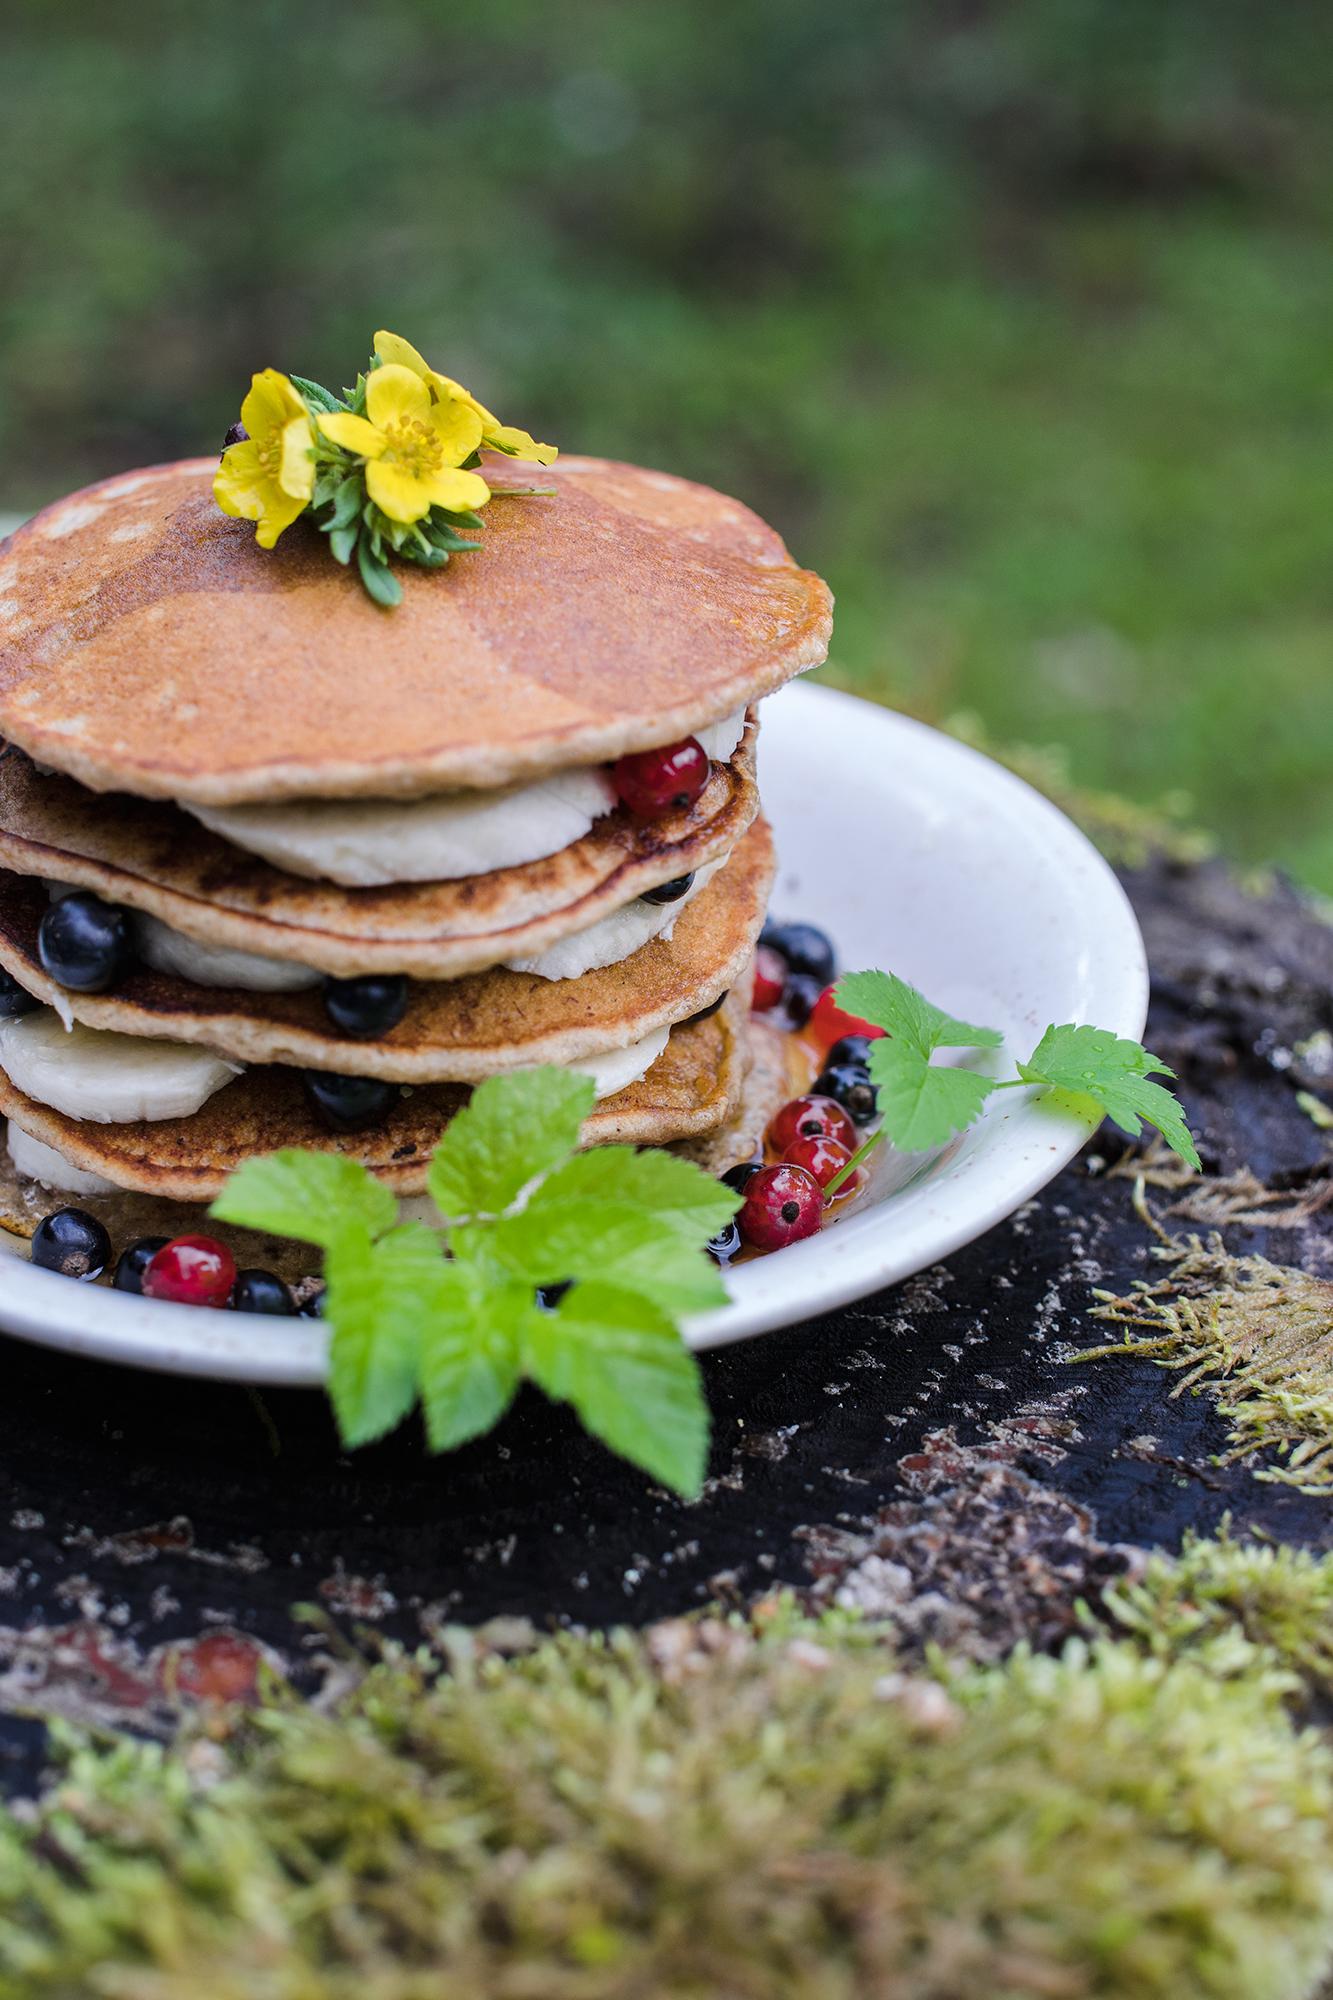 Vegan Banana and Oat Pancakes